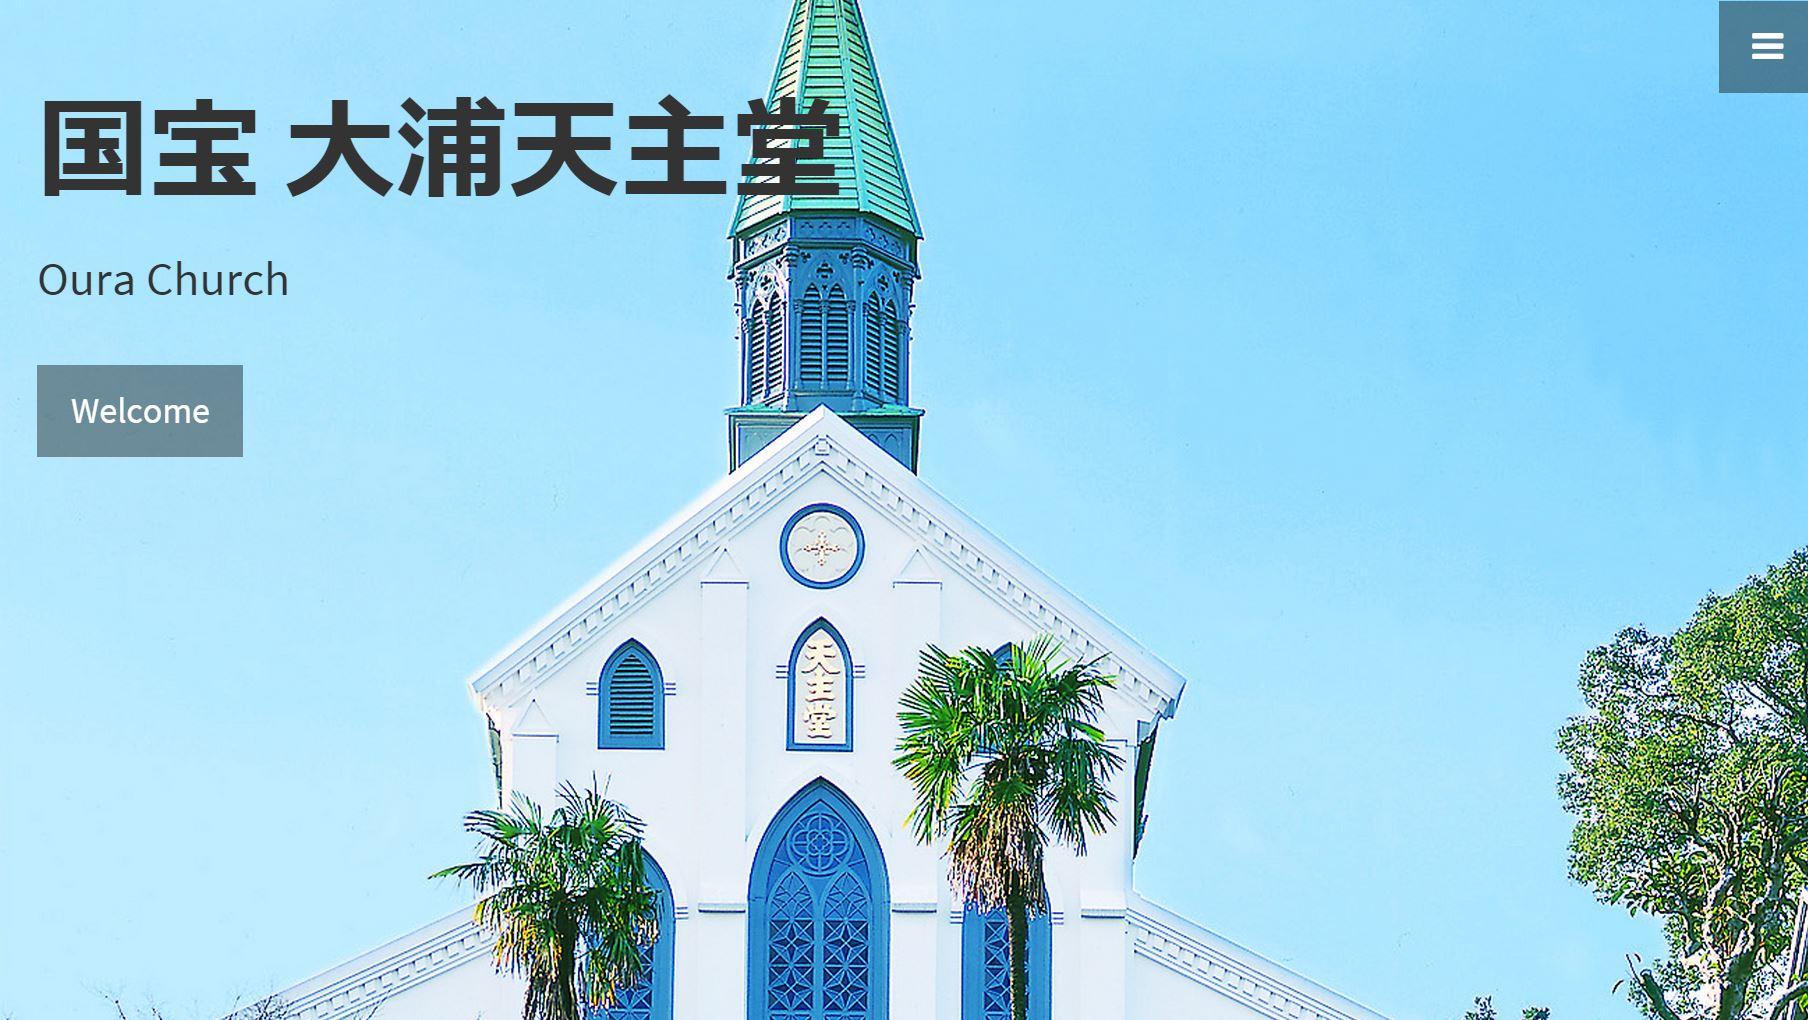 長崎・大浦天主堂の修繕工事が11月中旬から、旧羅典神学校は来年4月から立ち入り不可に